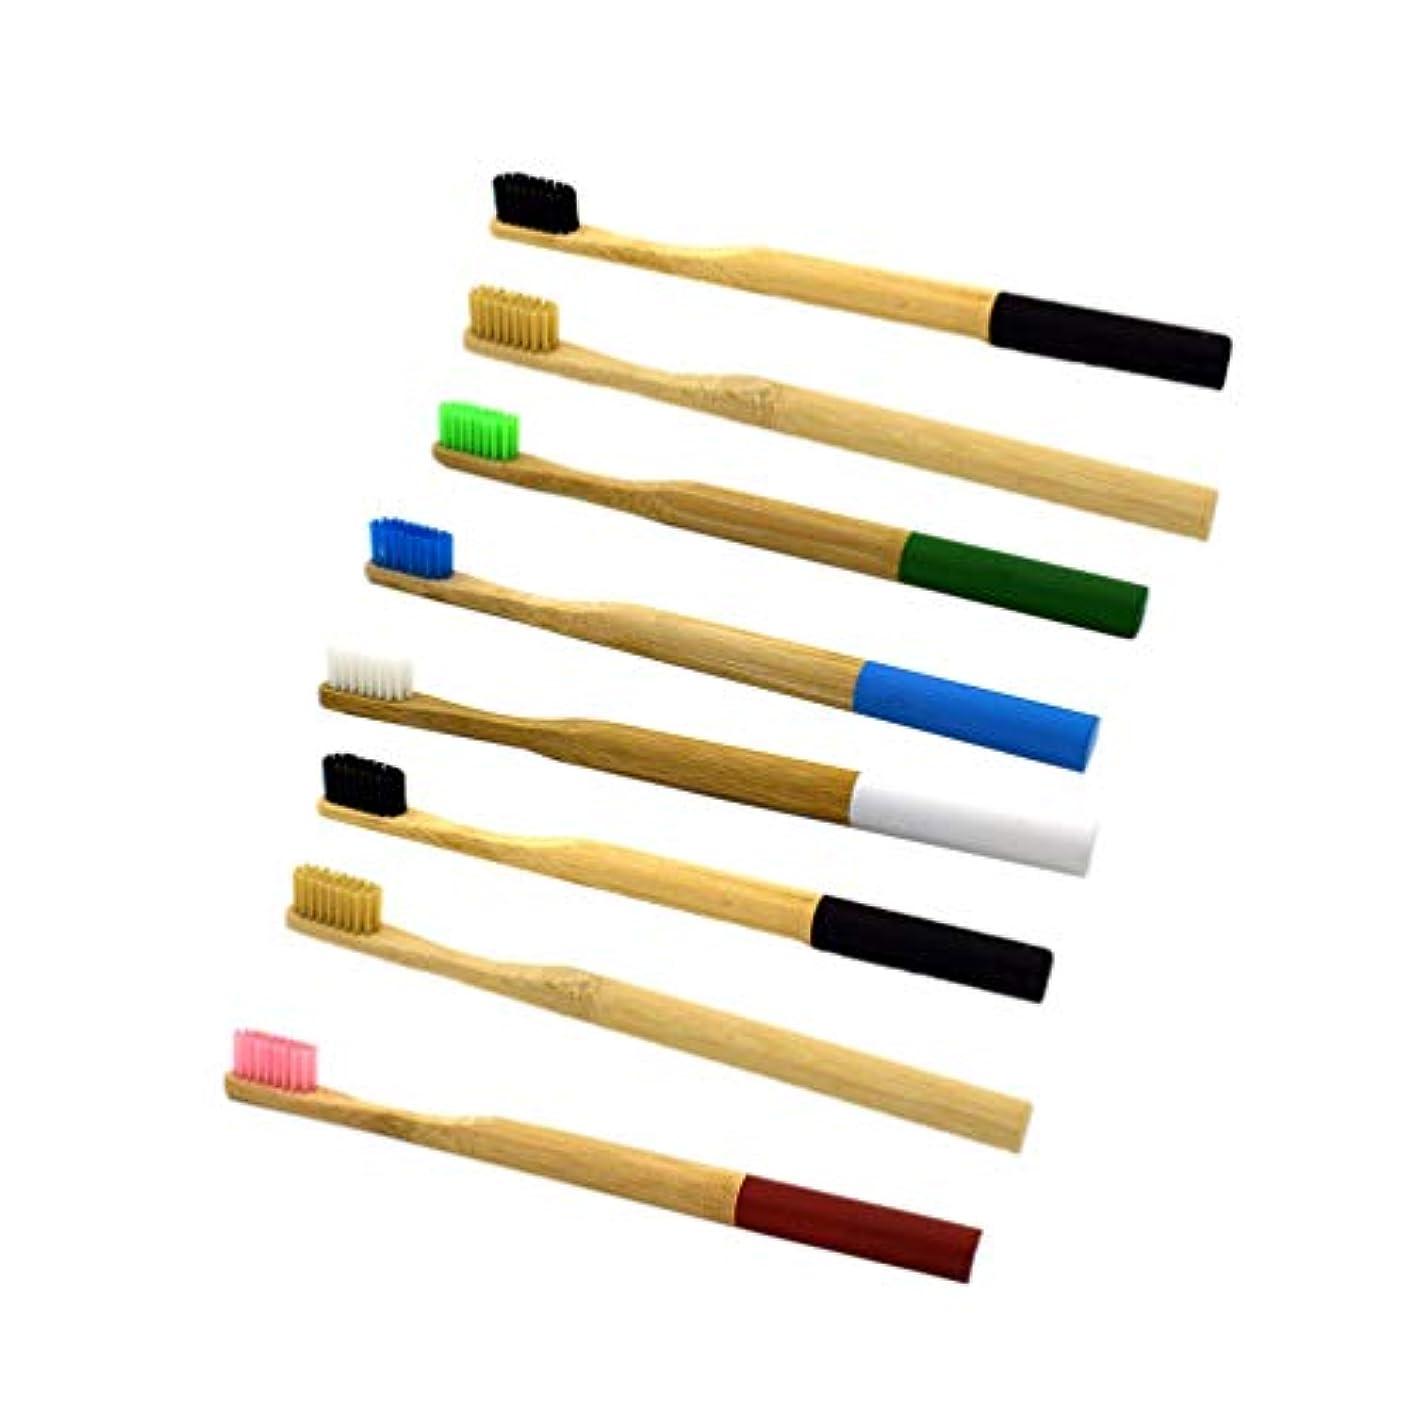 州送る戸惑うSUPVOX 柔らかい剛毛の丸いハンドルが付いている8 PCの自然な竹の歯ブラシ